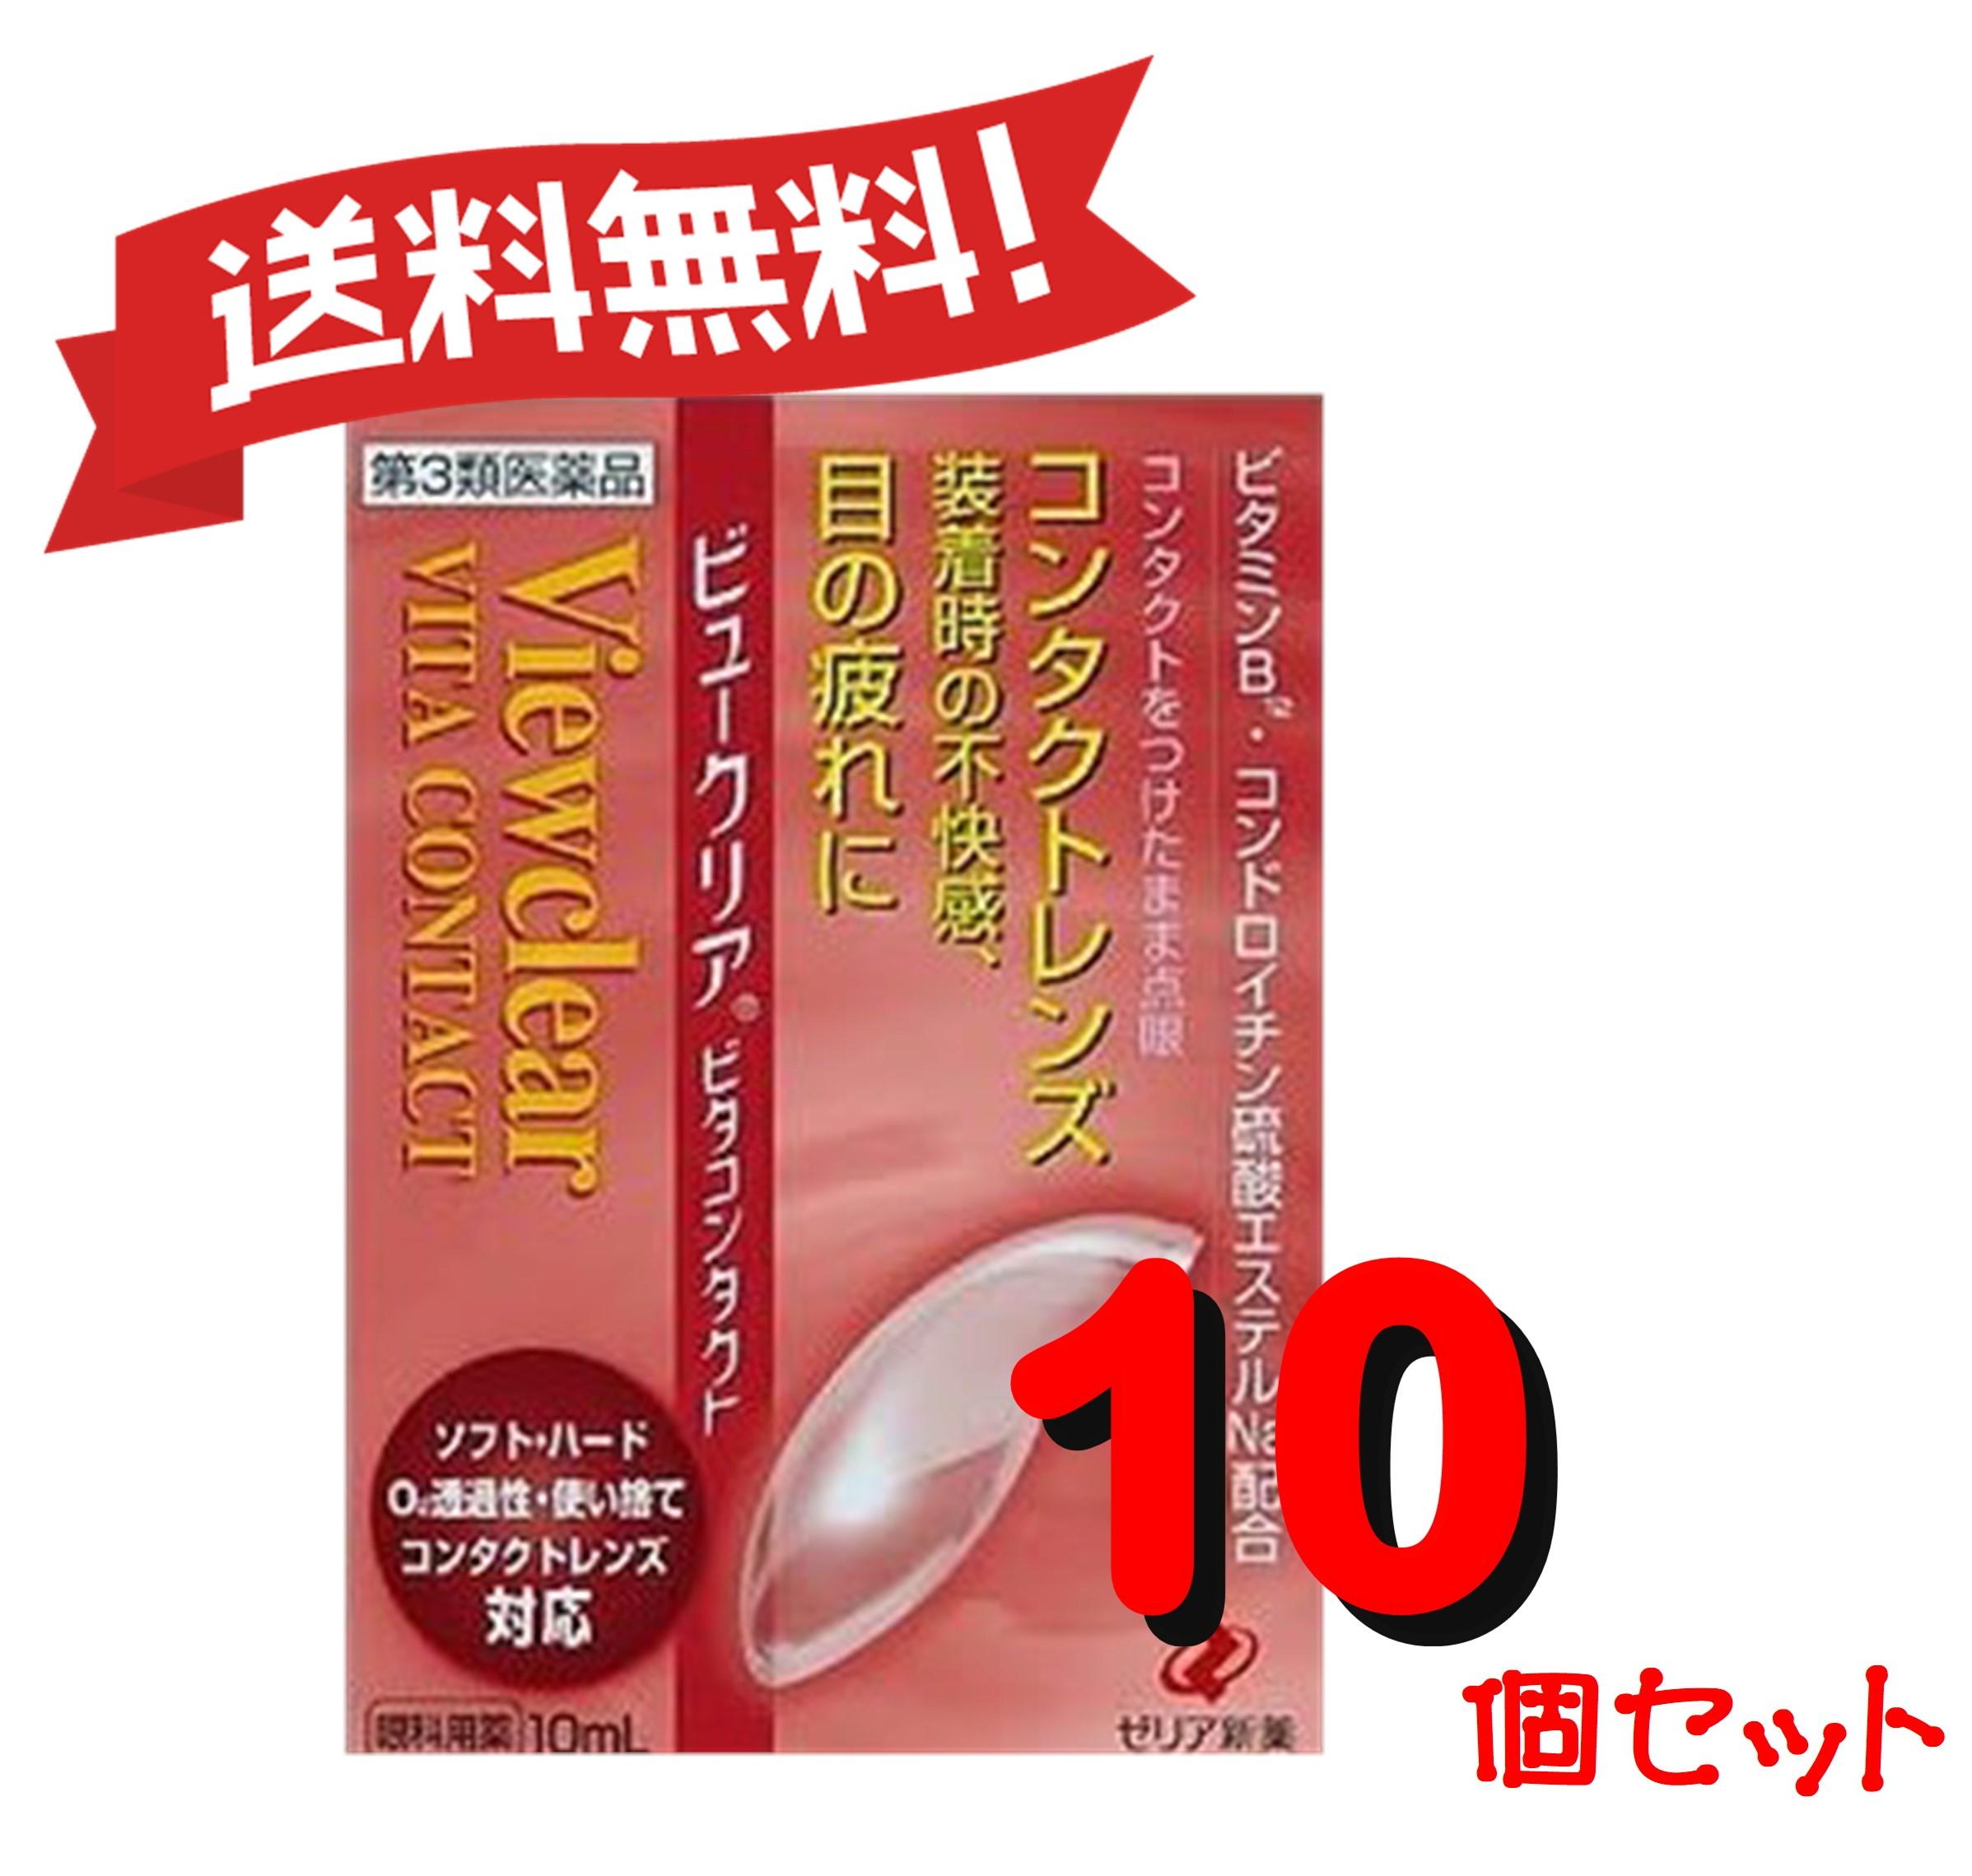 目の疲れ 買い物 眼病予防に 贈答 送料無料 10個セット ビュークリアビタコンタクト 10mL 第3類医薬品